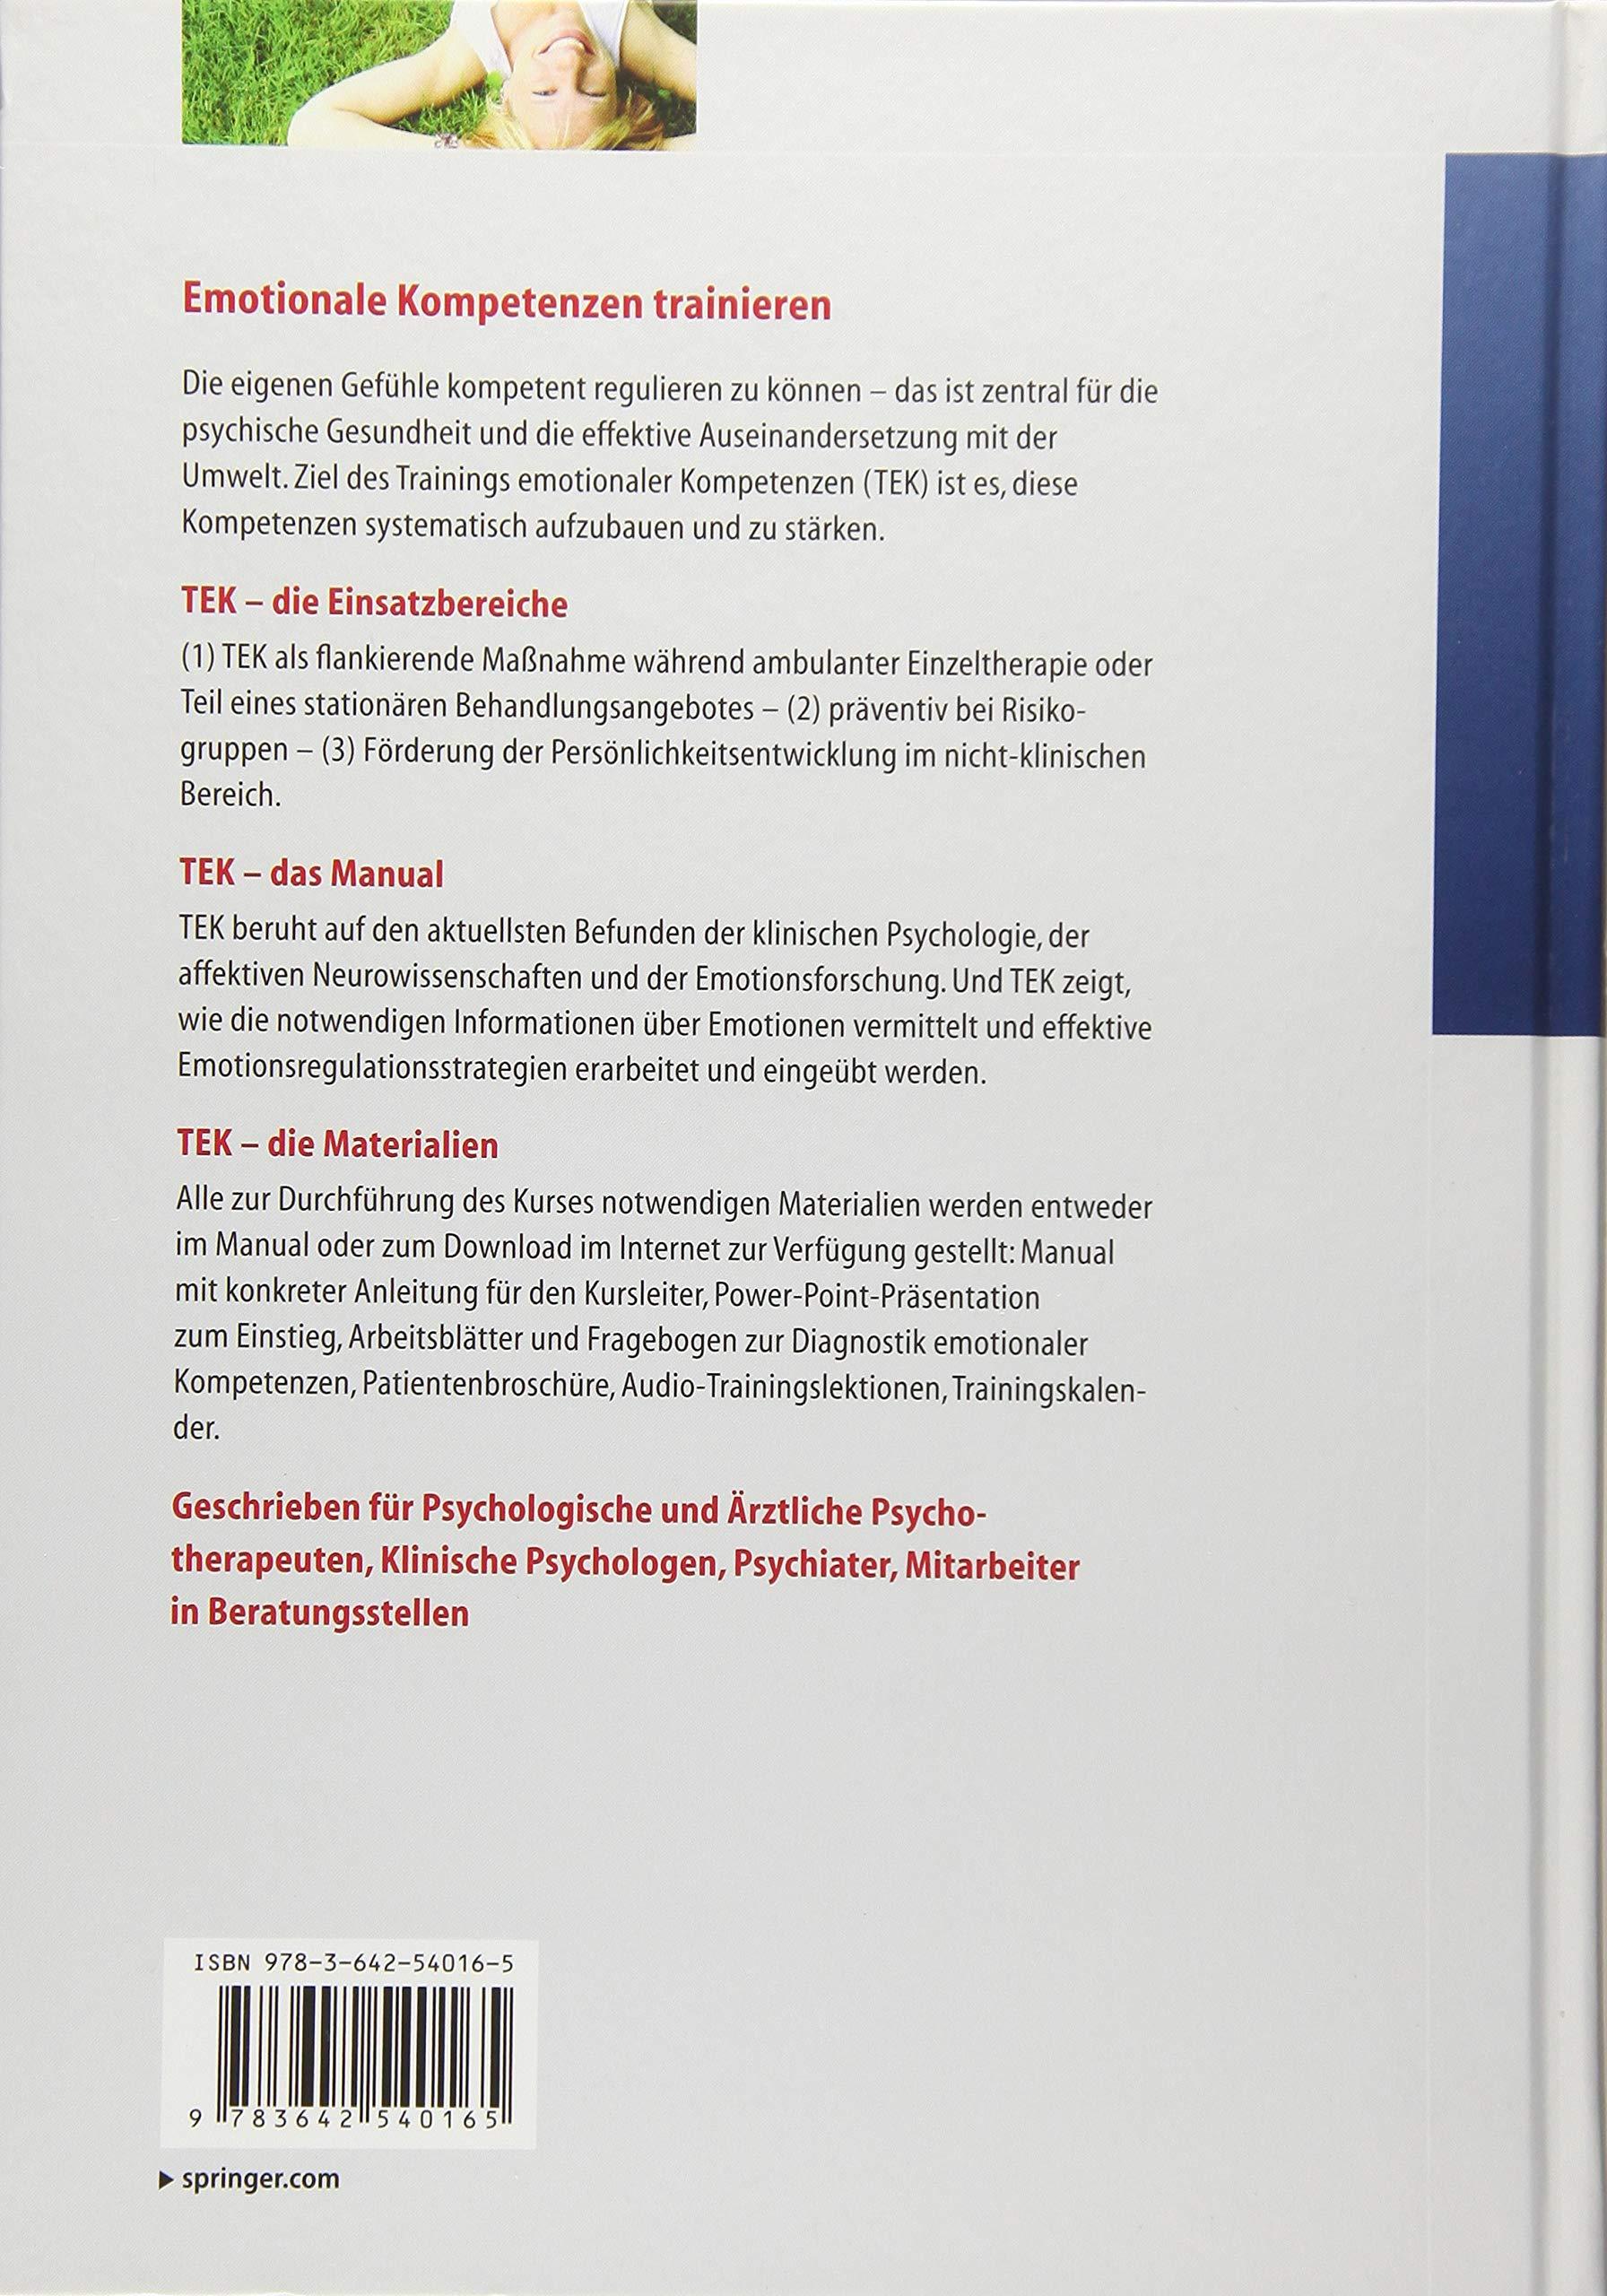 Training emotionaler Kompetenzen Psychotherapie: Praxis: Amazon.de ...